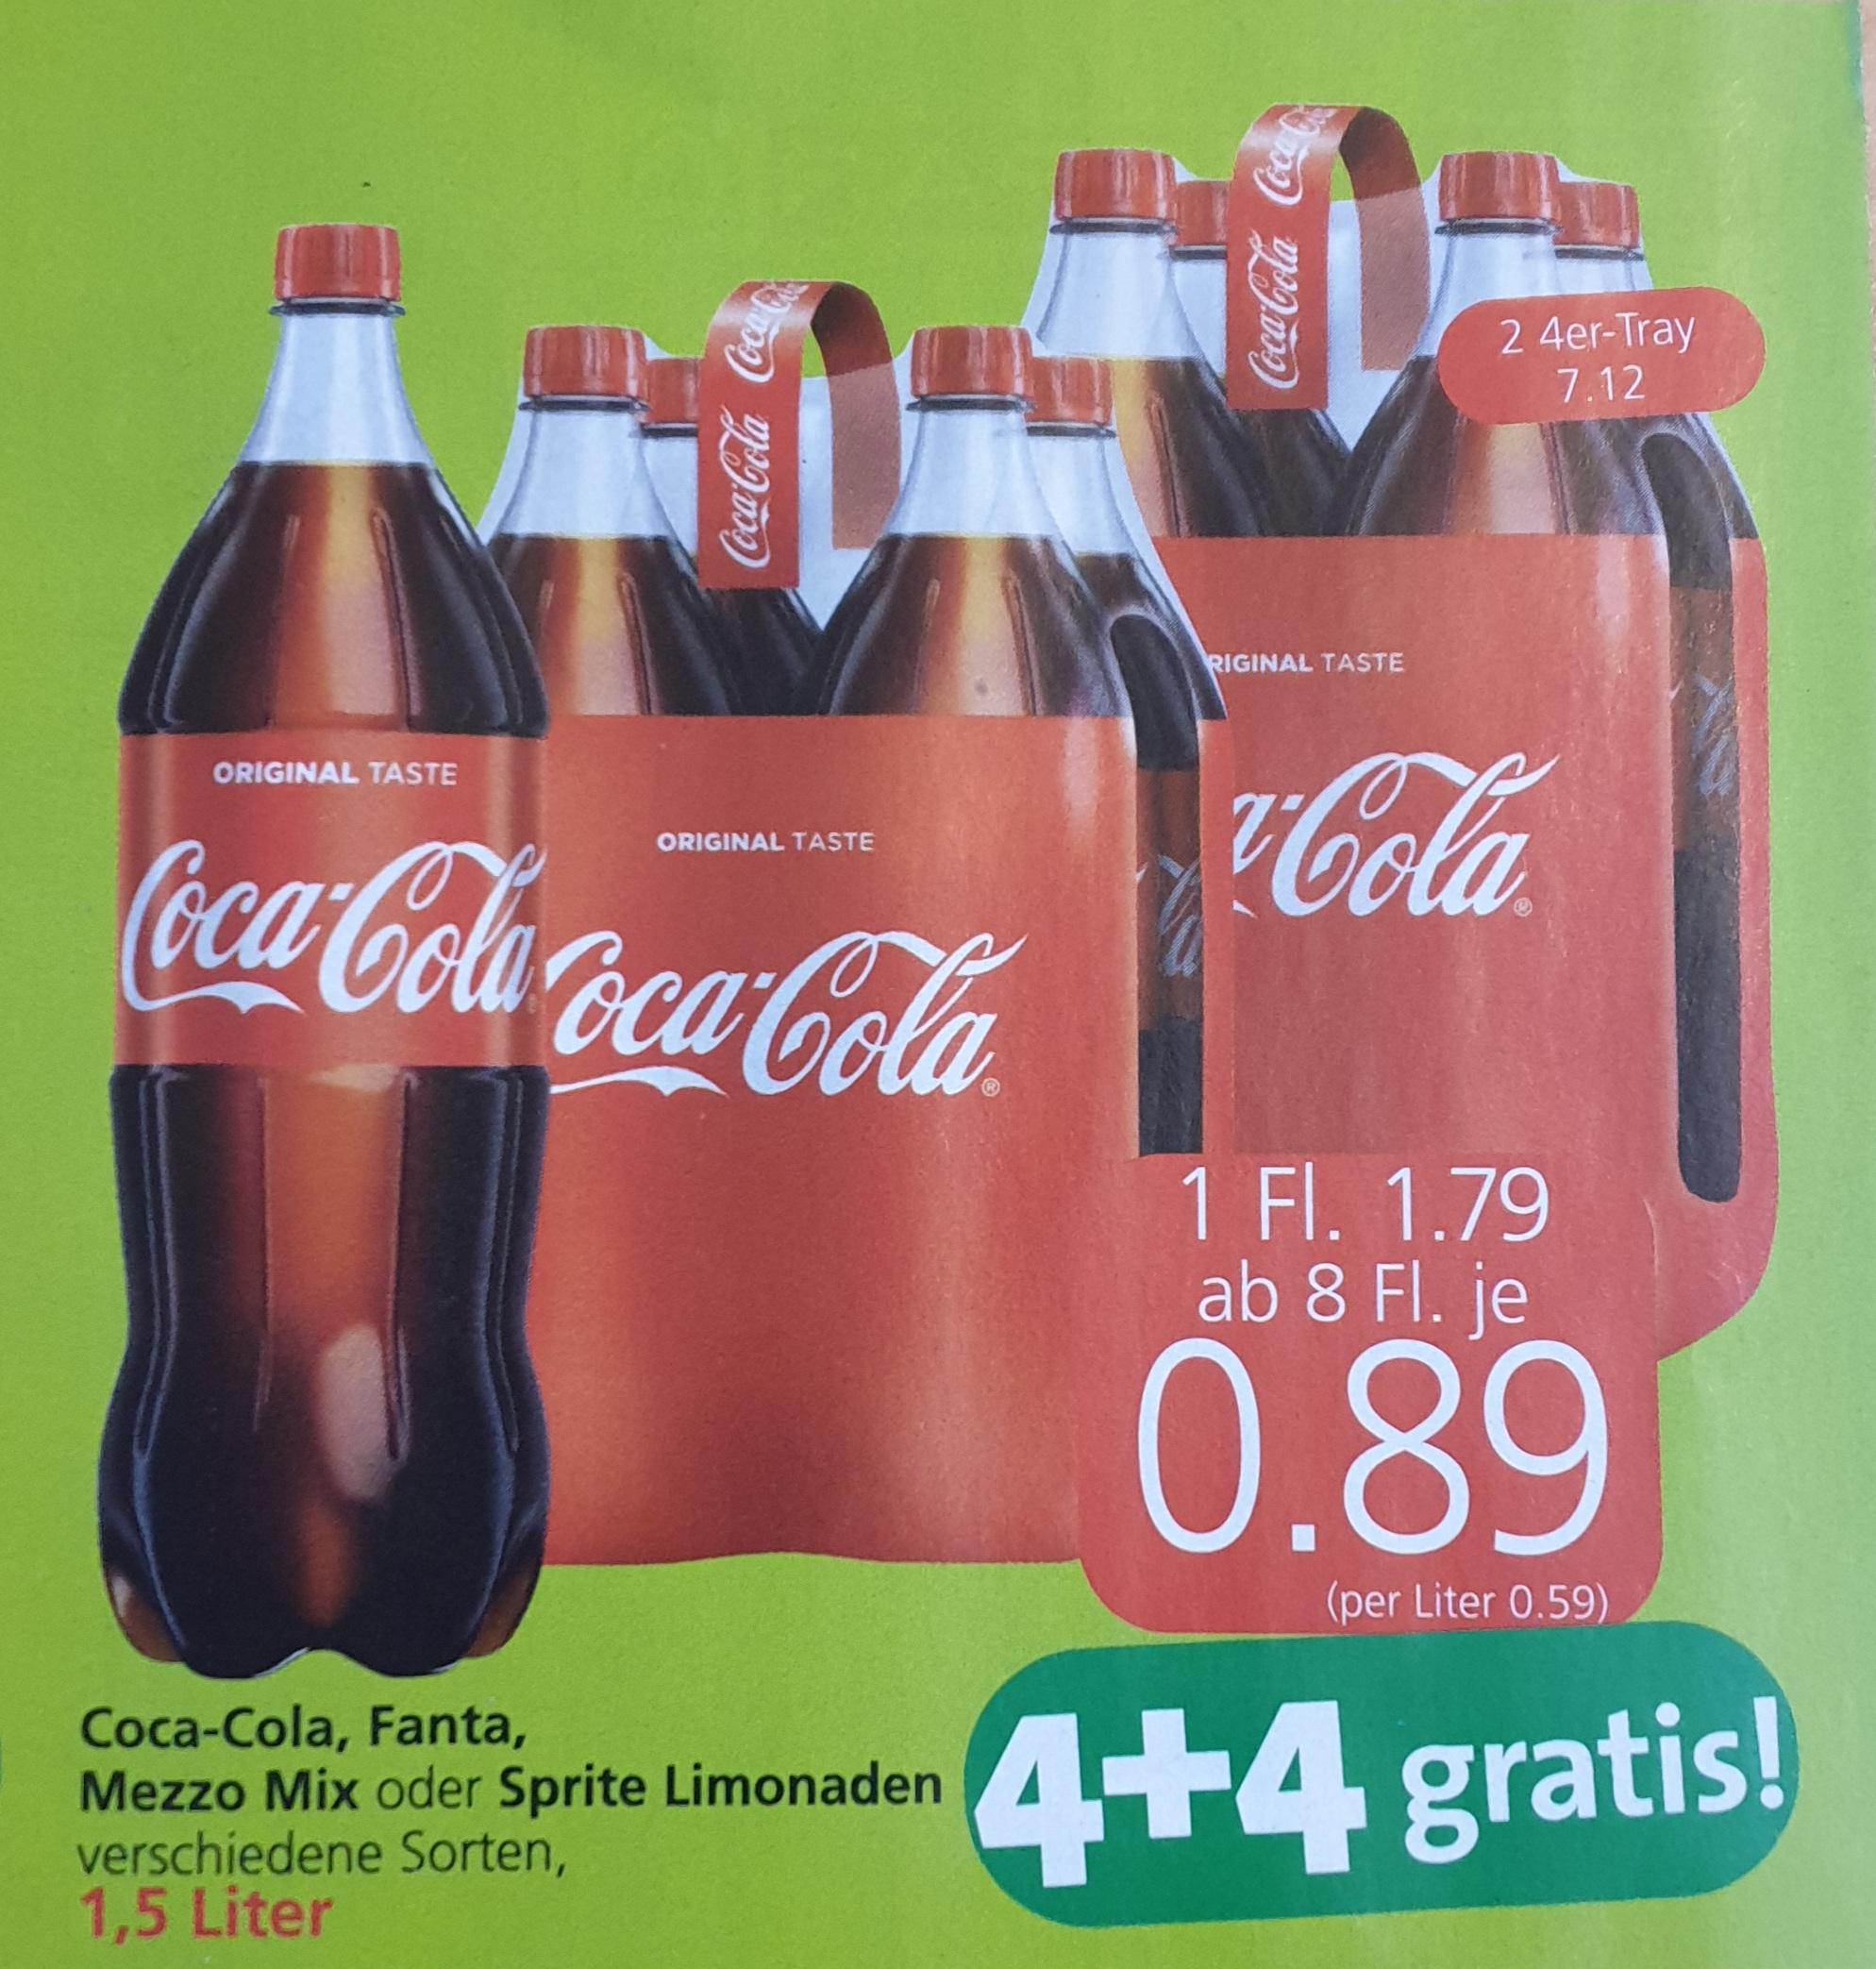 Coca-Cola, Fanta, Mezzo-Mix u. Sprite, 1,5 Liter Aktion bei Spar, Interspar und Eurospar